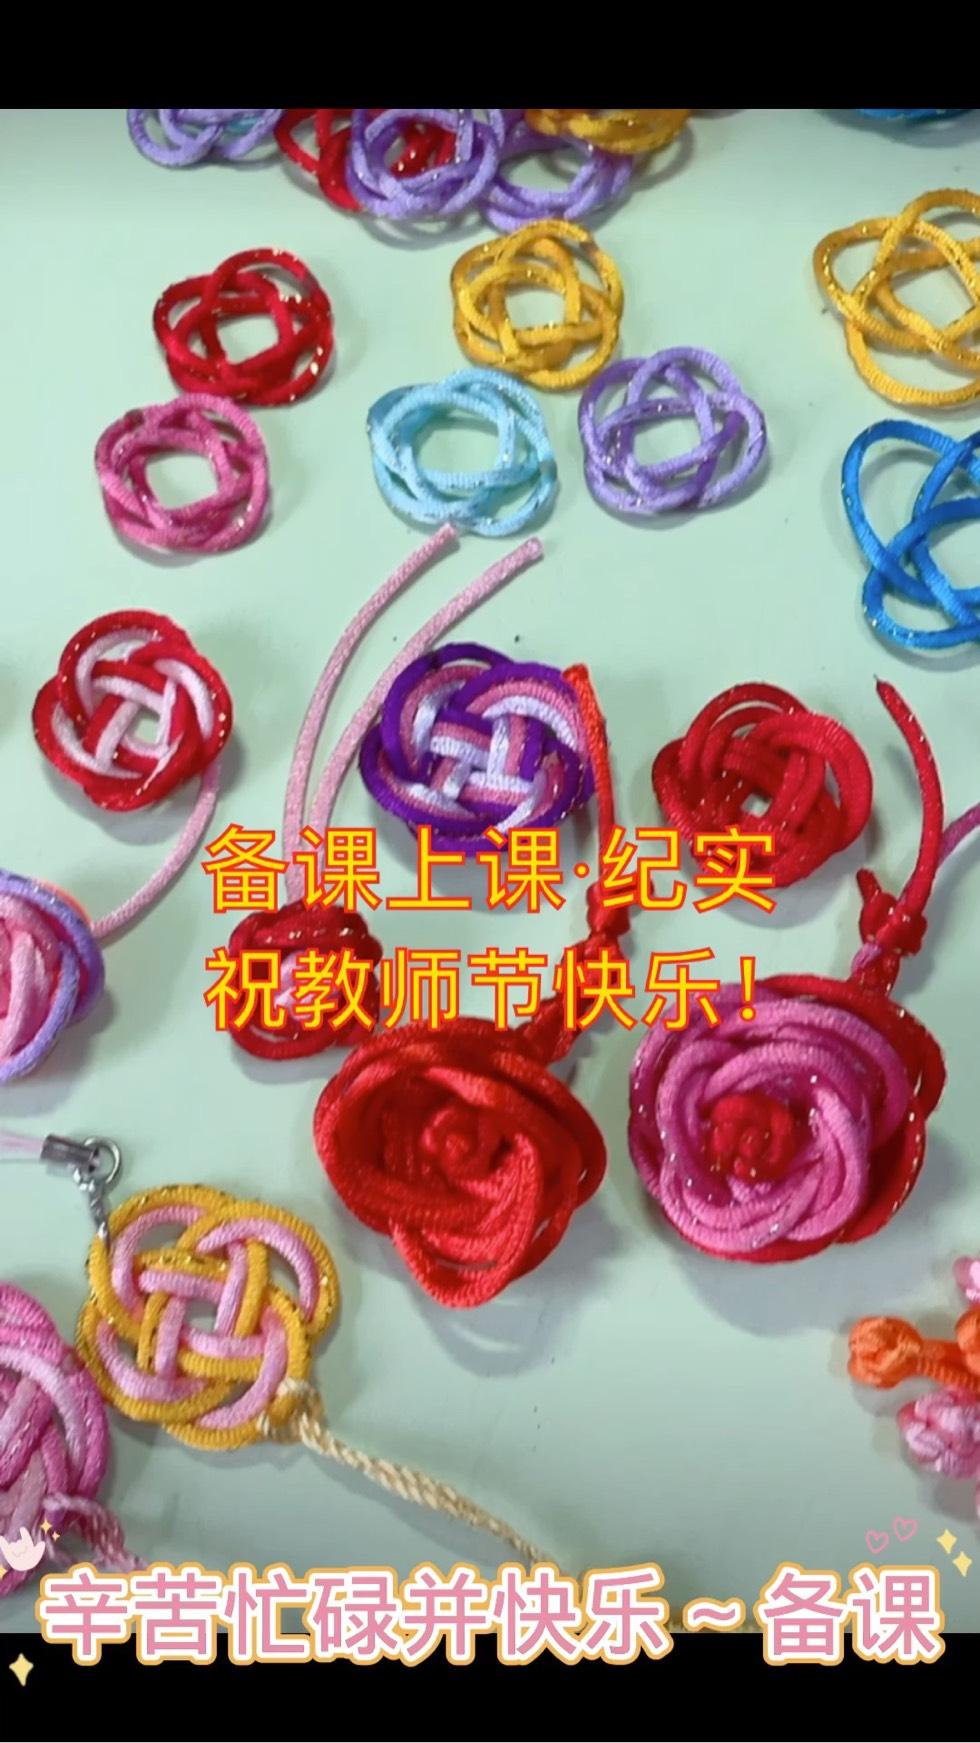 中国结论坛 9.10教师节快乐~备课上课纪实 备课与上课的区别,上课的快乐,我上课是为了自己快乐,快乐的冰上课,上课使我快乐图片 结艺网各地联谊会 164803yyjud1rd1rhzmkuk